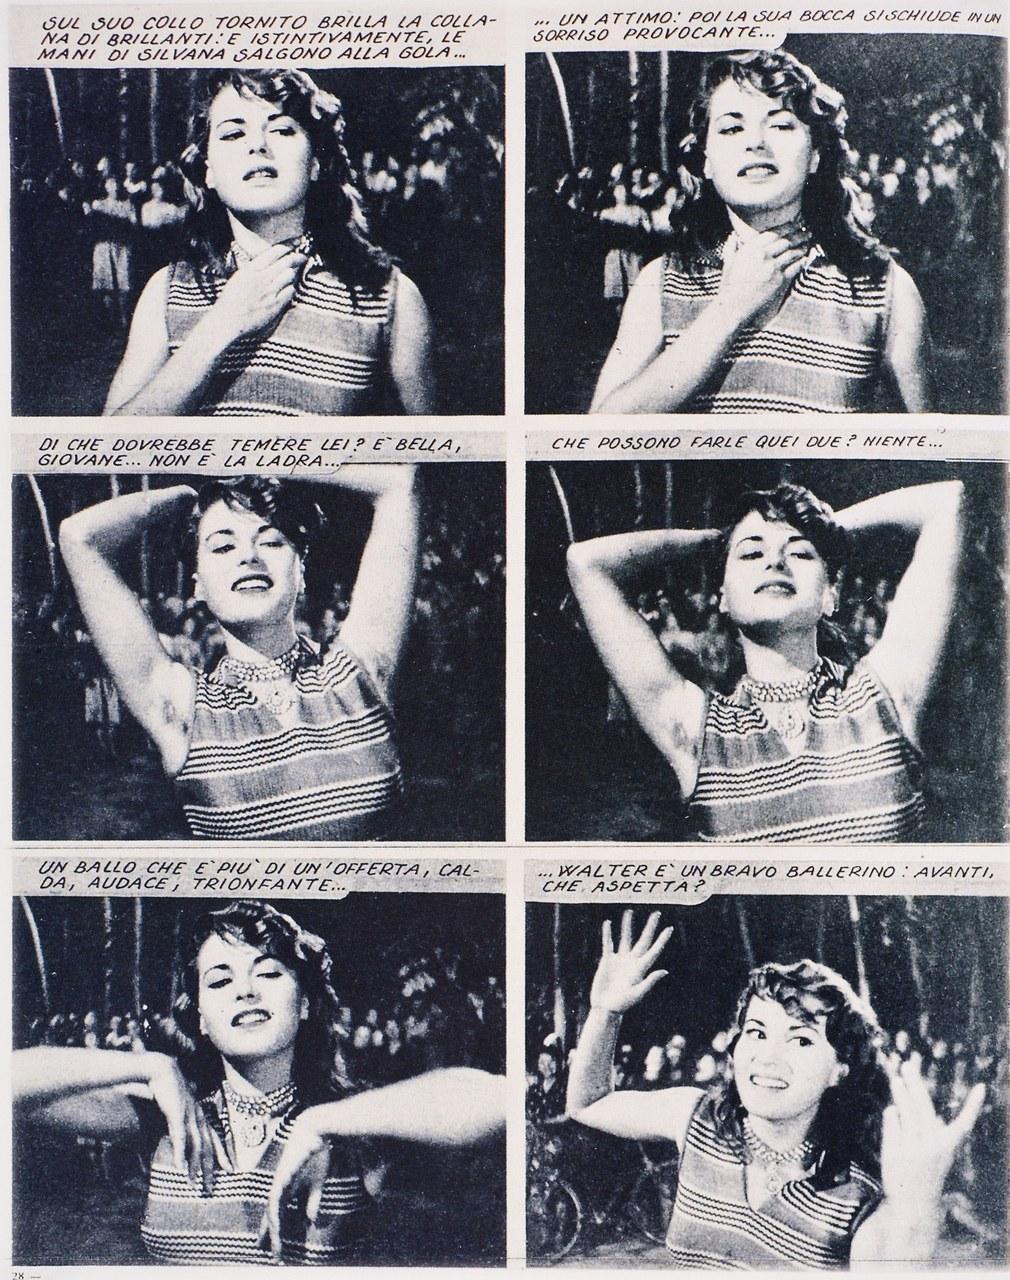 Fragment du cineromanzo tiré de Riso Amaro, dir. Giuseppe De Santis, avec Silvana Mangano (1948)